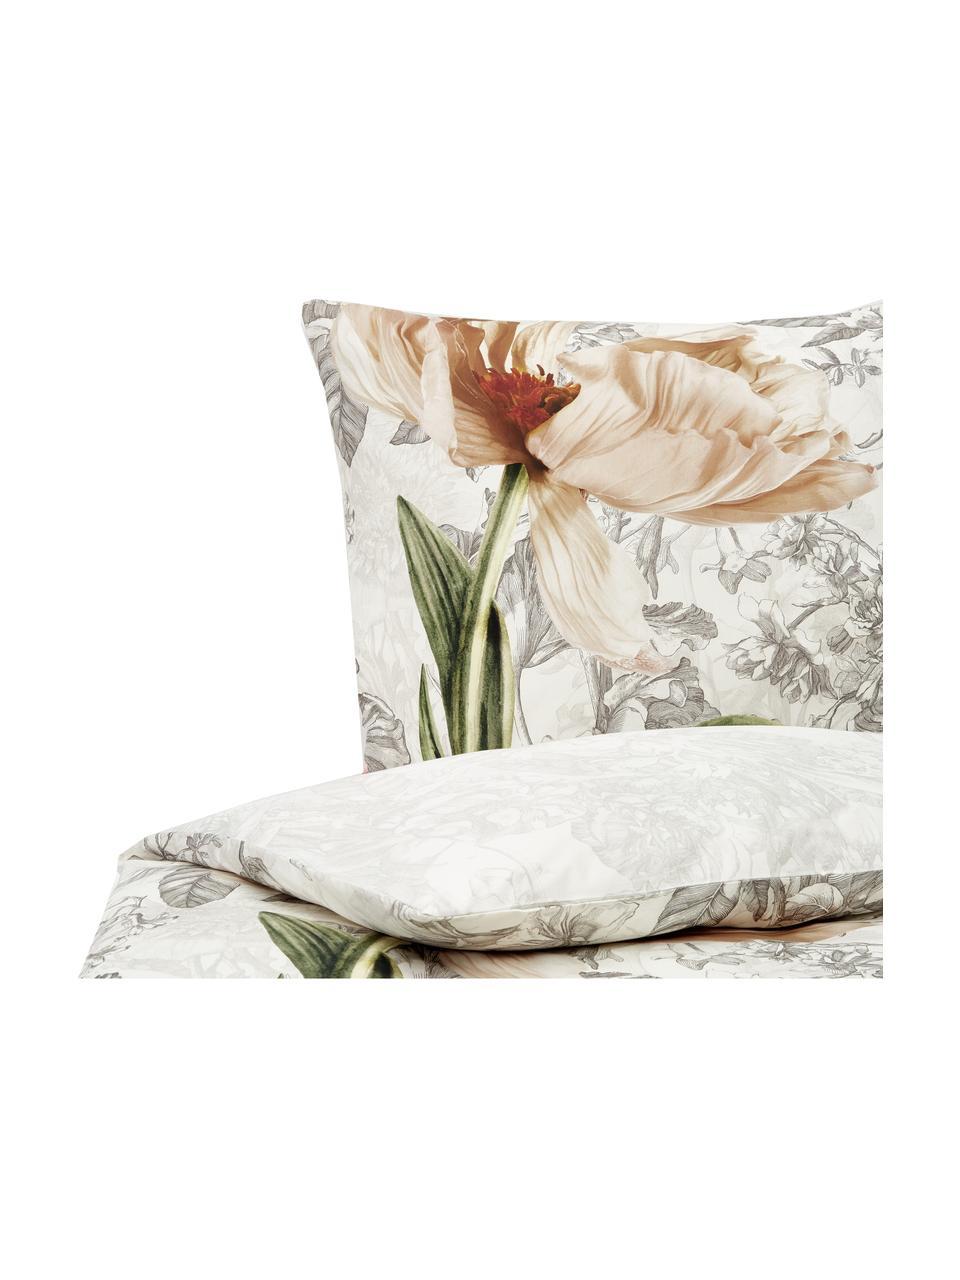 Baumwollsatin-Wendebettwäsche Annabel mit Blumenmuster, Webart: Satin, Vanillefarben, 135 x 200 cm + 1 Kissen 80 x 80 cm